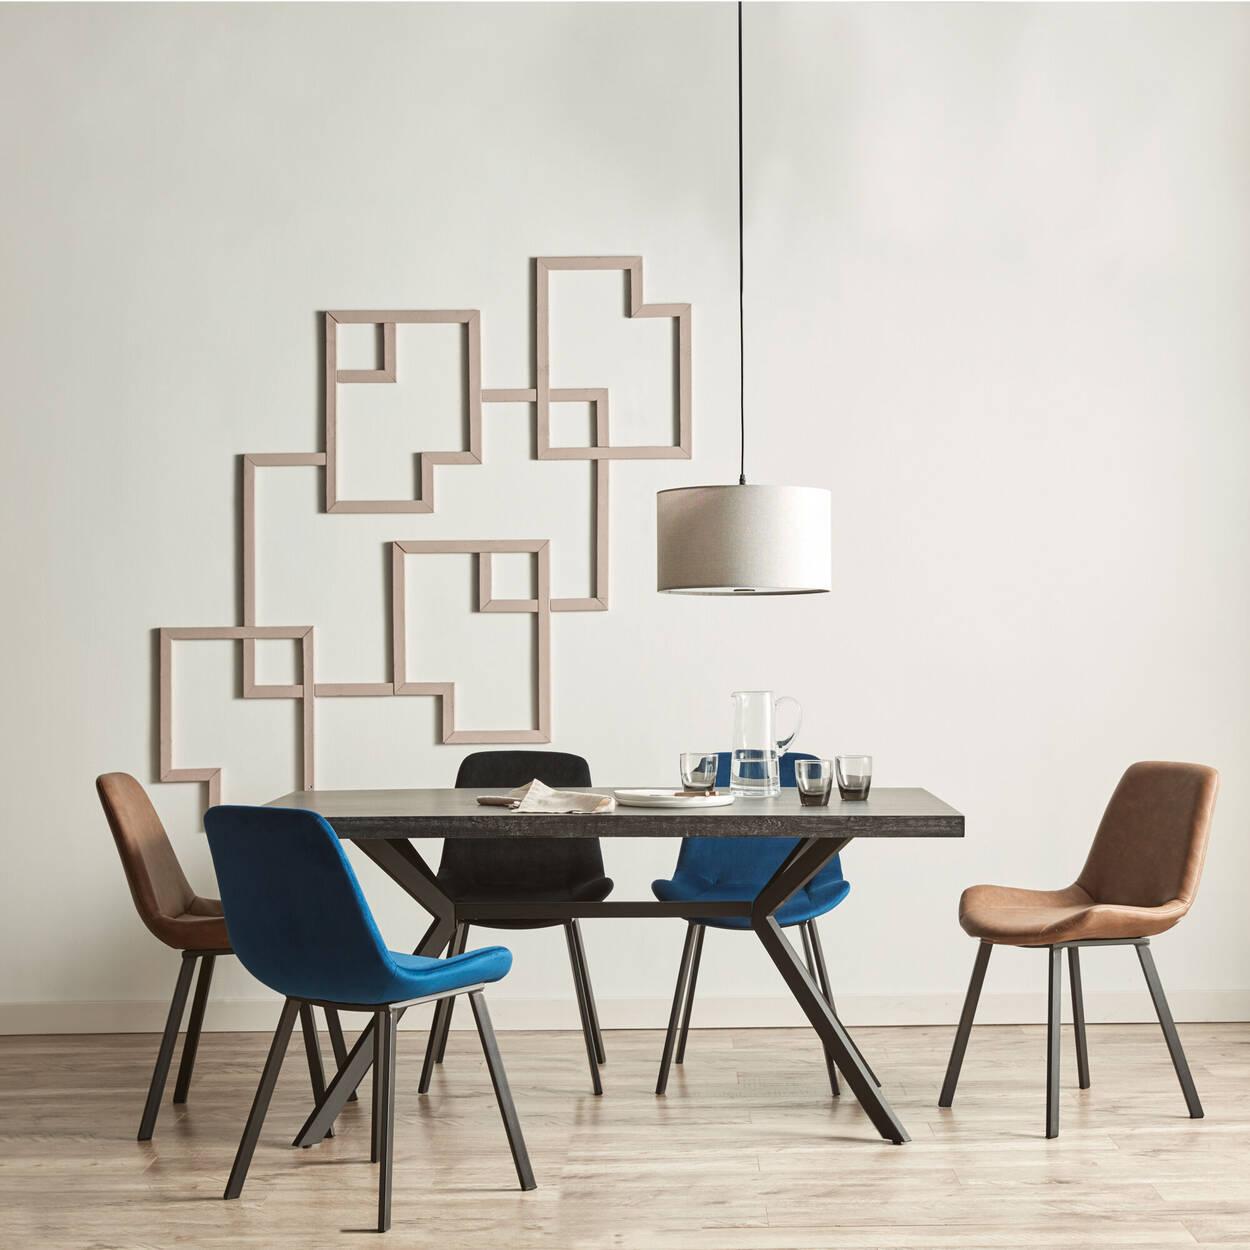 Chaise de salle à manger en similicuir texturé et en fer